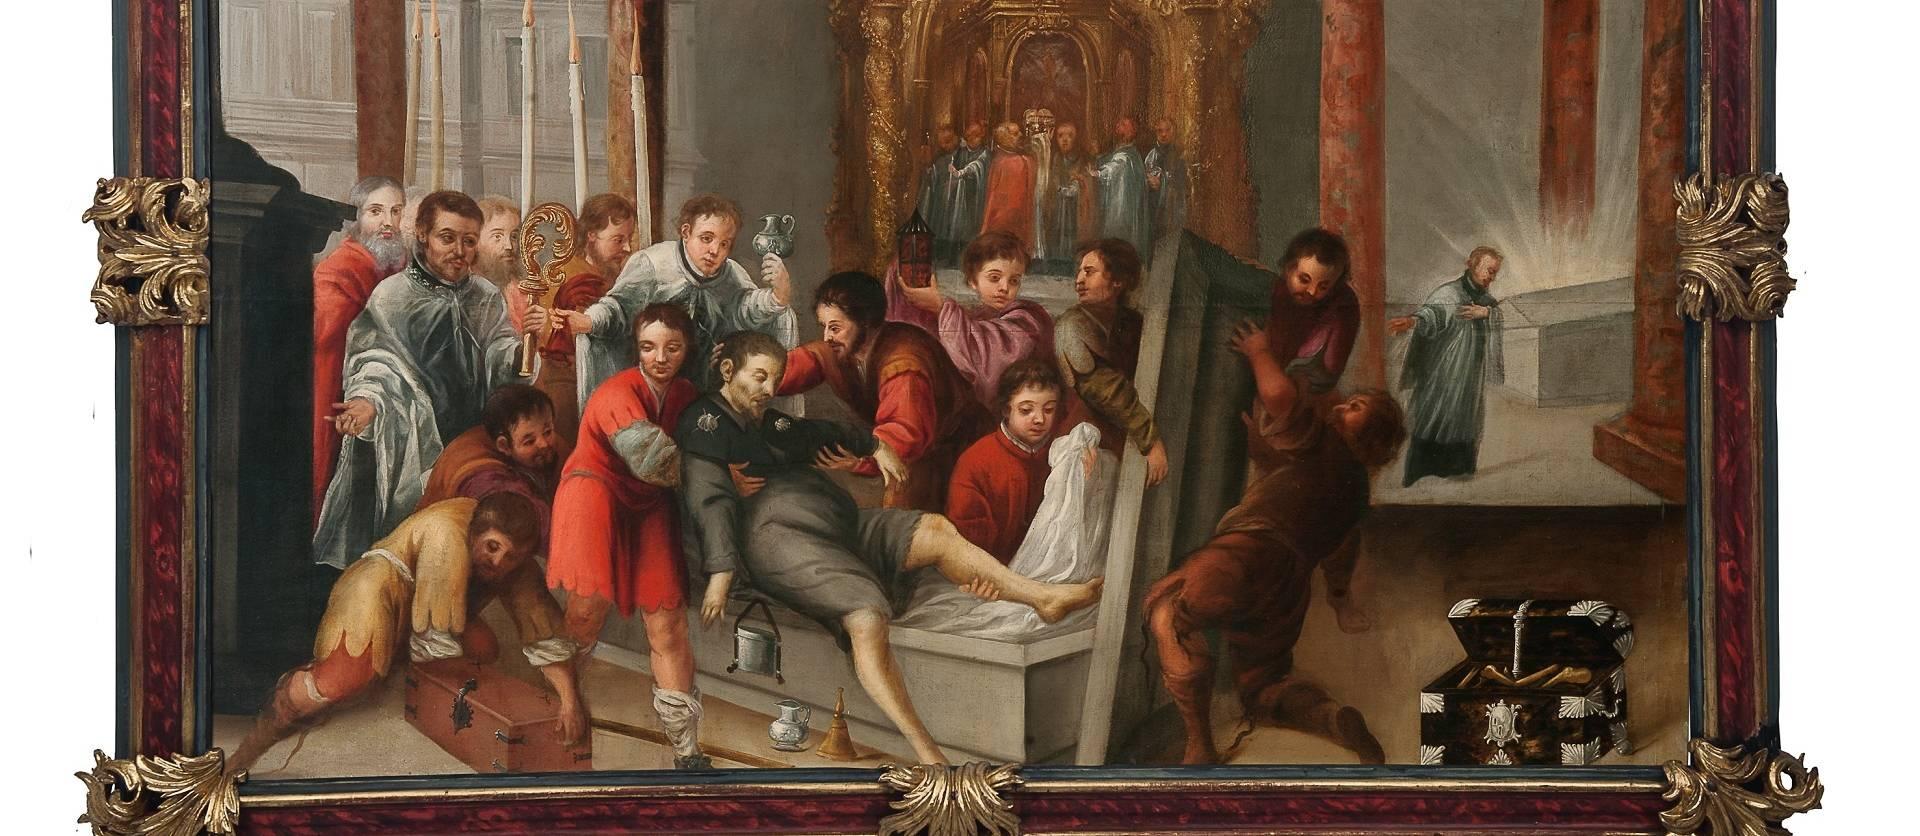 Lienzo de la leyenda del obispo de Patrás y la llegada del omoplato de San Andrés a Estella, en la capilla del santo en San Pedro de la Rúa de Estella. Tercer cuarto del siglo XVII.